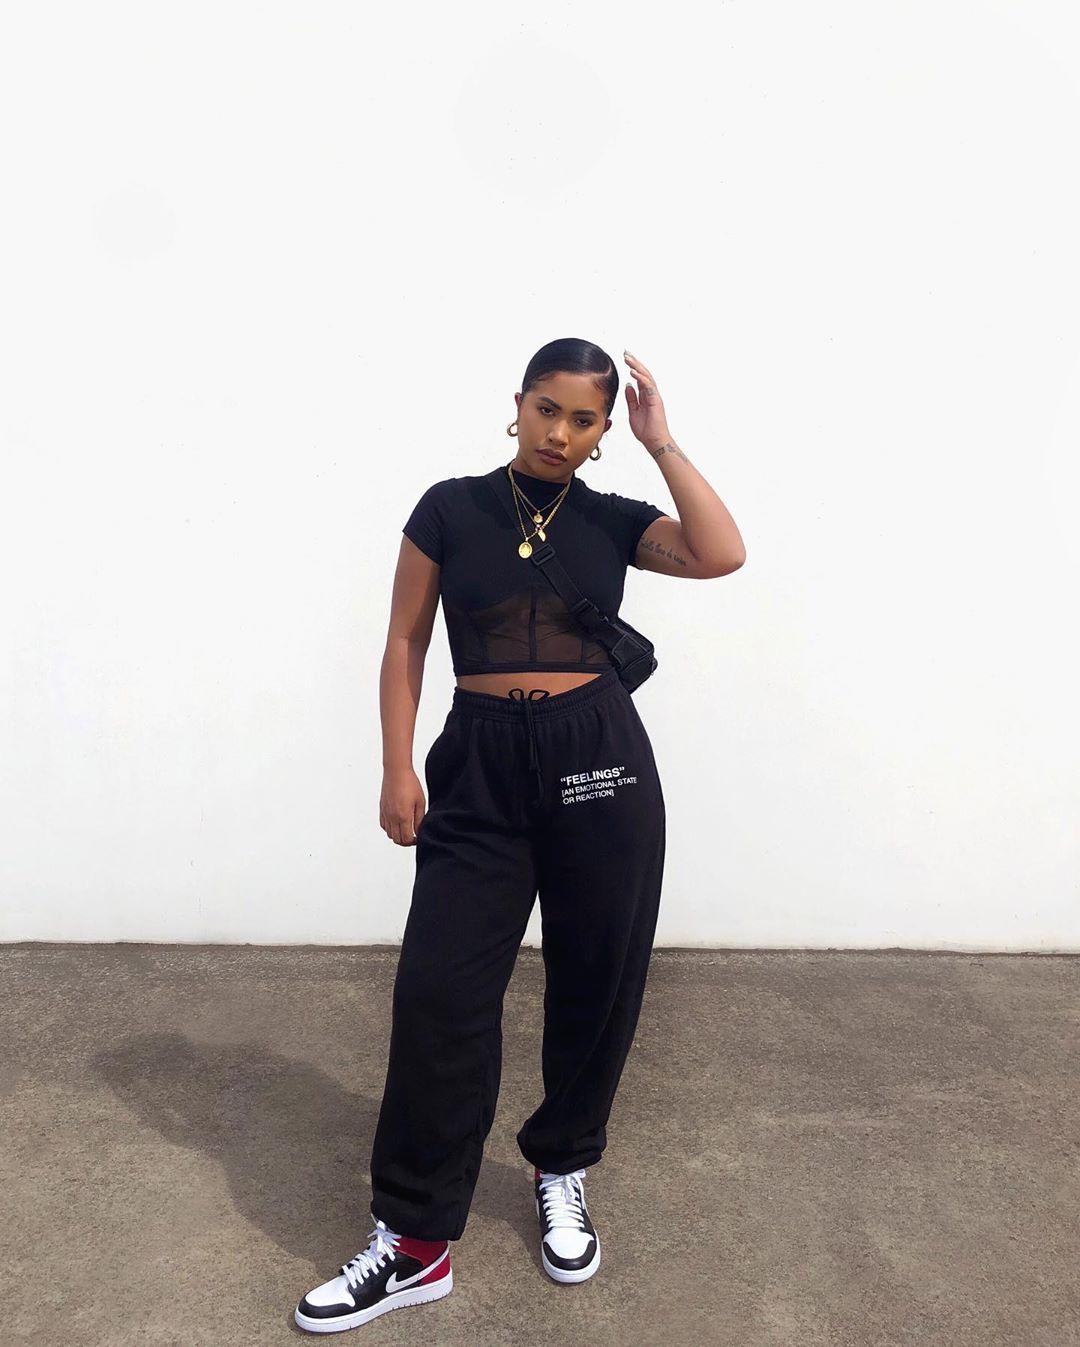 black jordans outfit